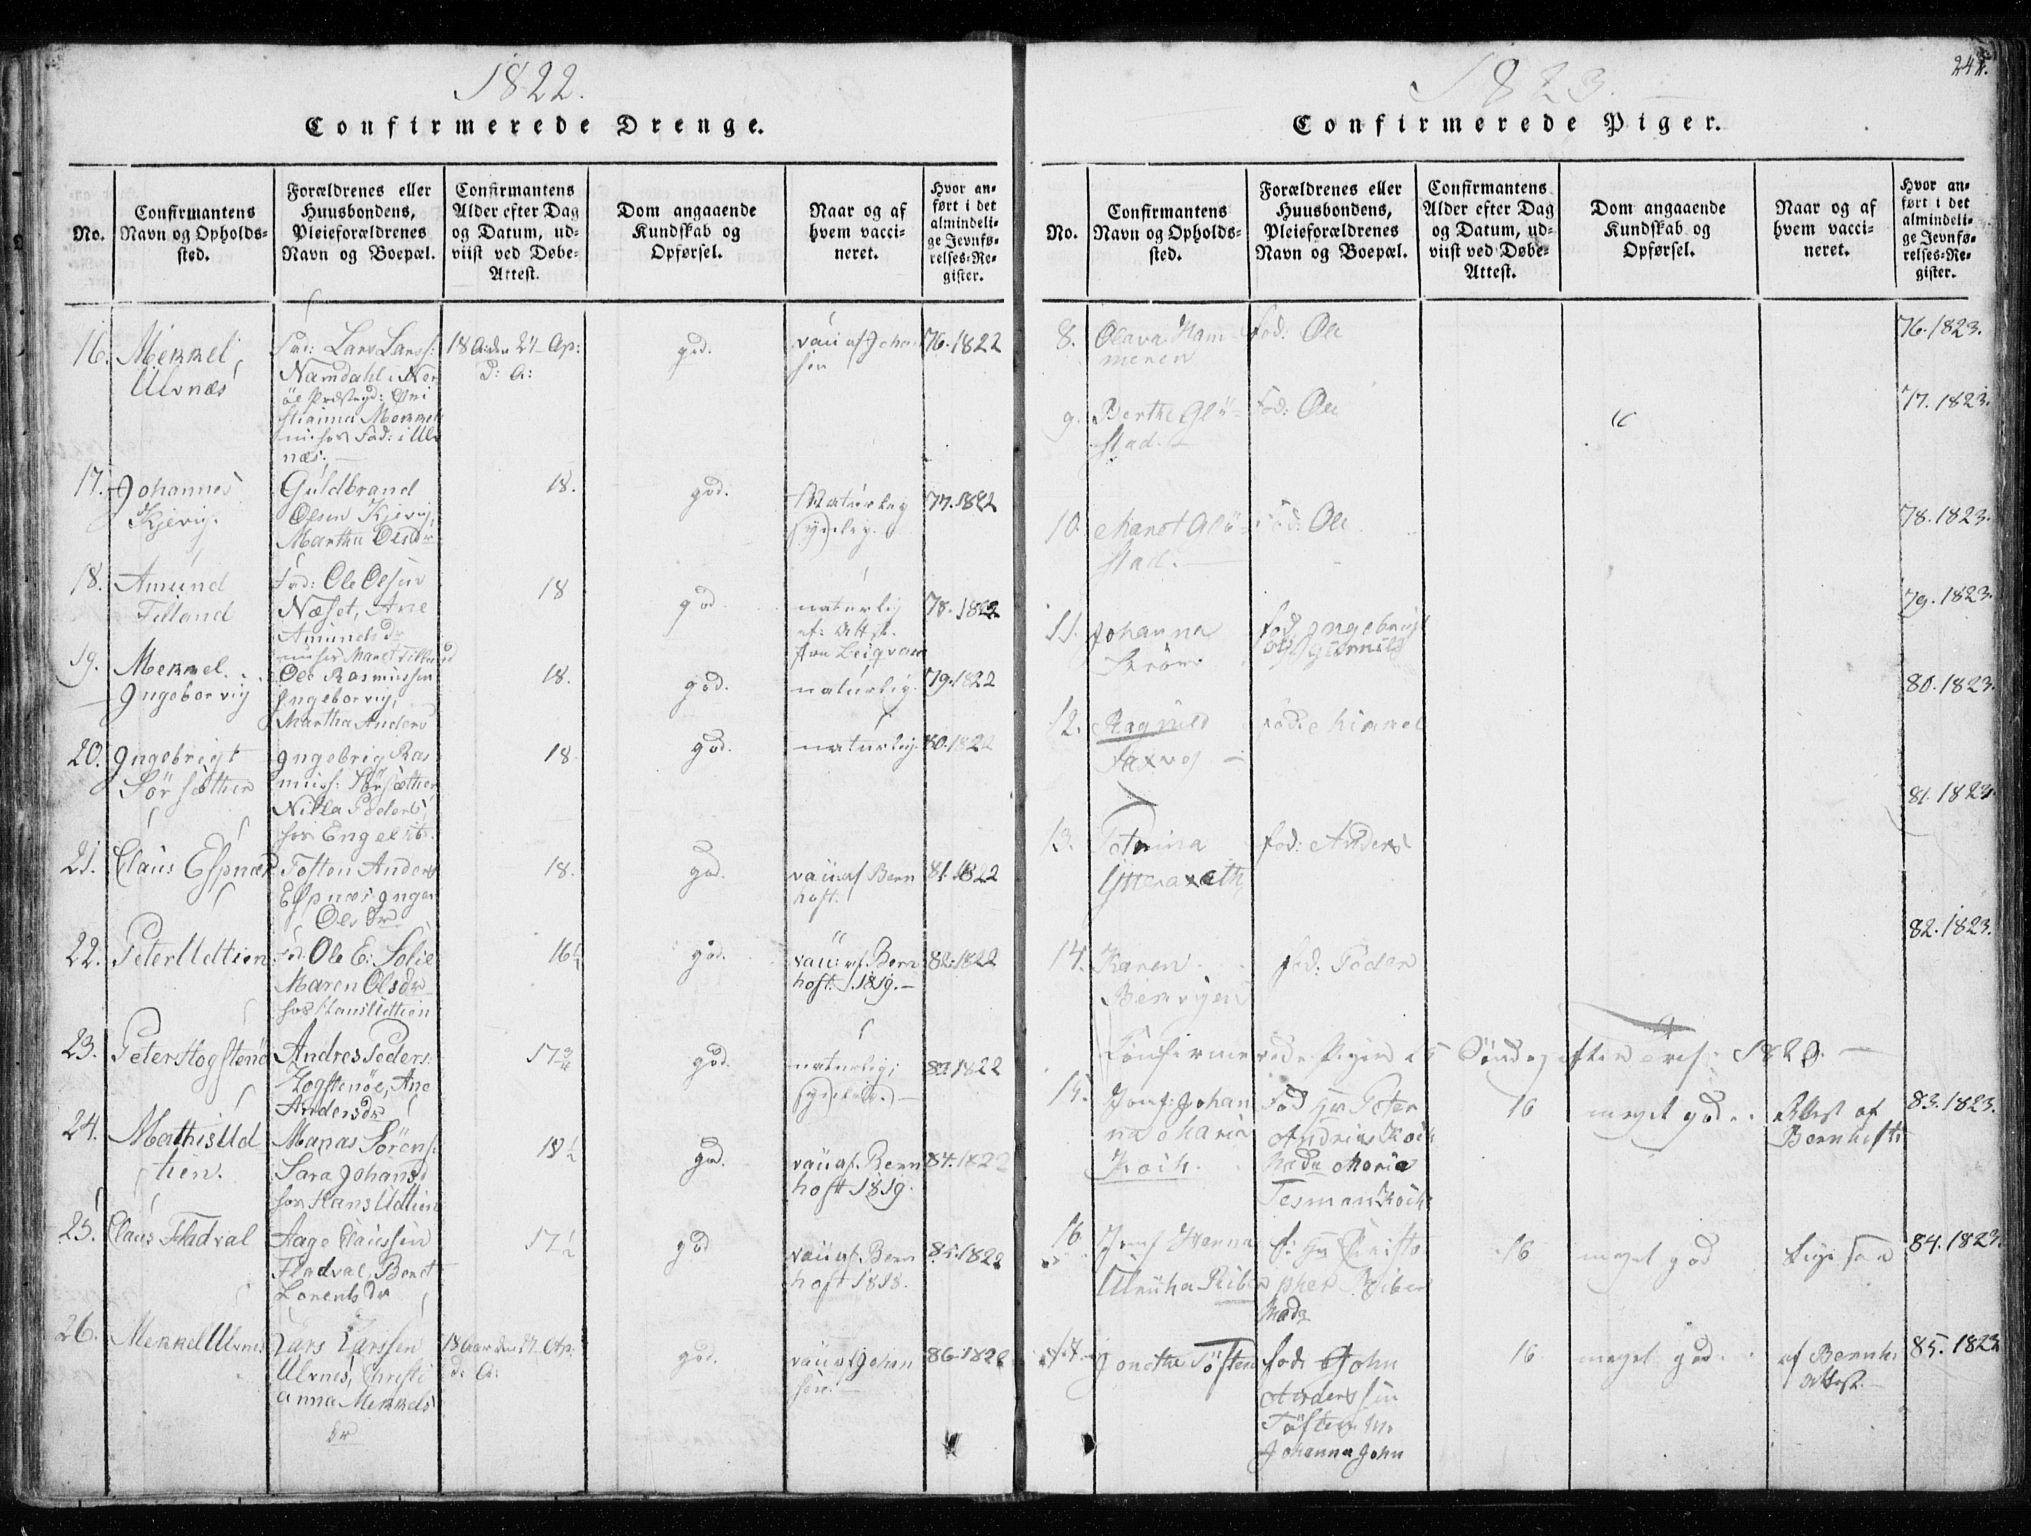 SAT, Ministerialprotokoller, klokkerbøker og fødselsregistre - Sør-Trøndelag, 634/L0527: Ministerialbok nr. 634A03, 1818-1826, s. 242